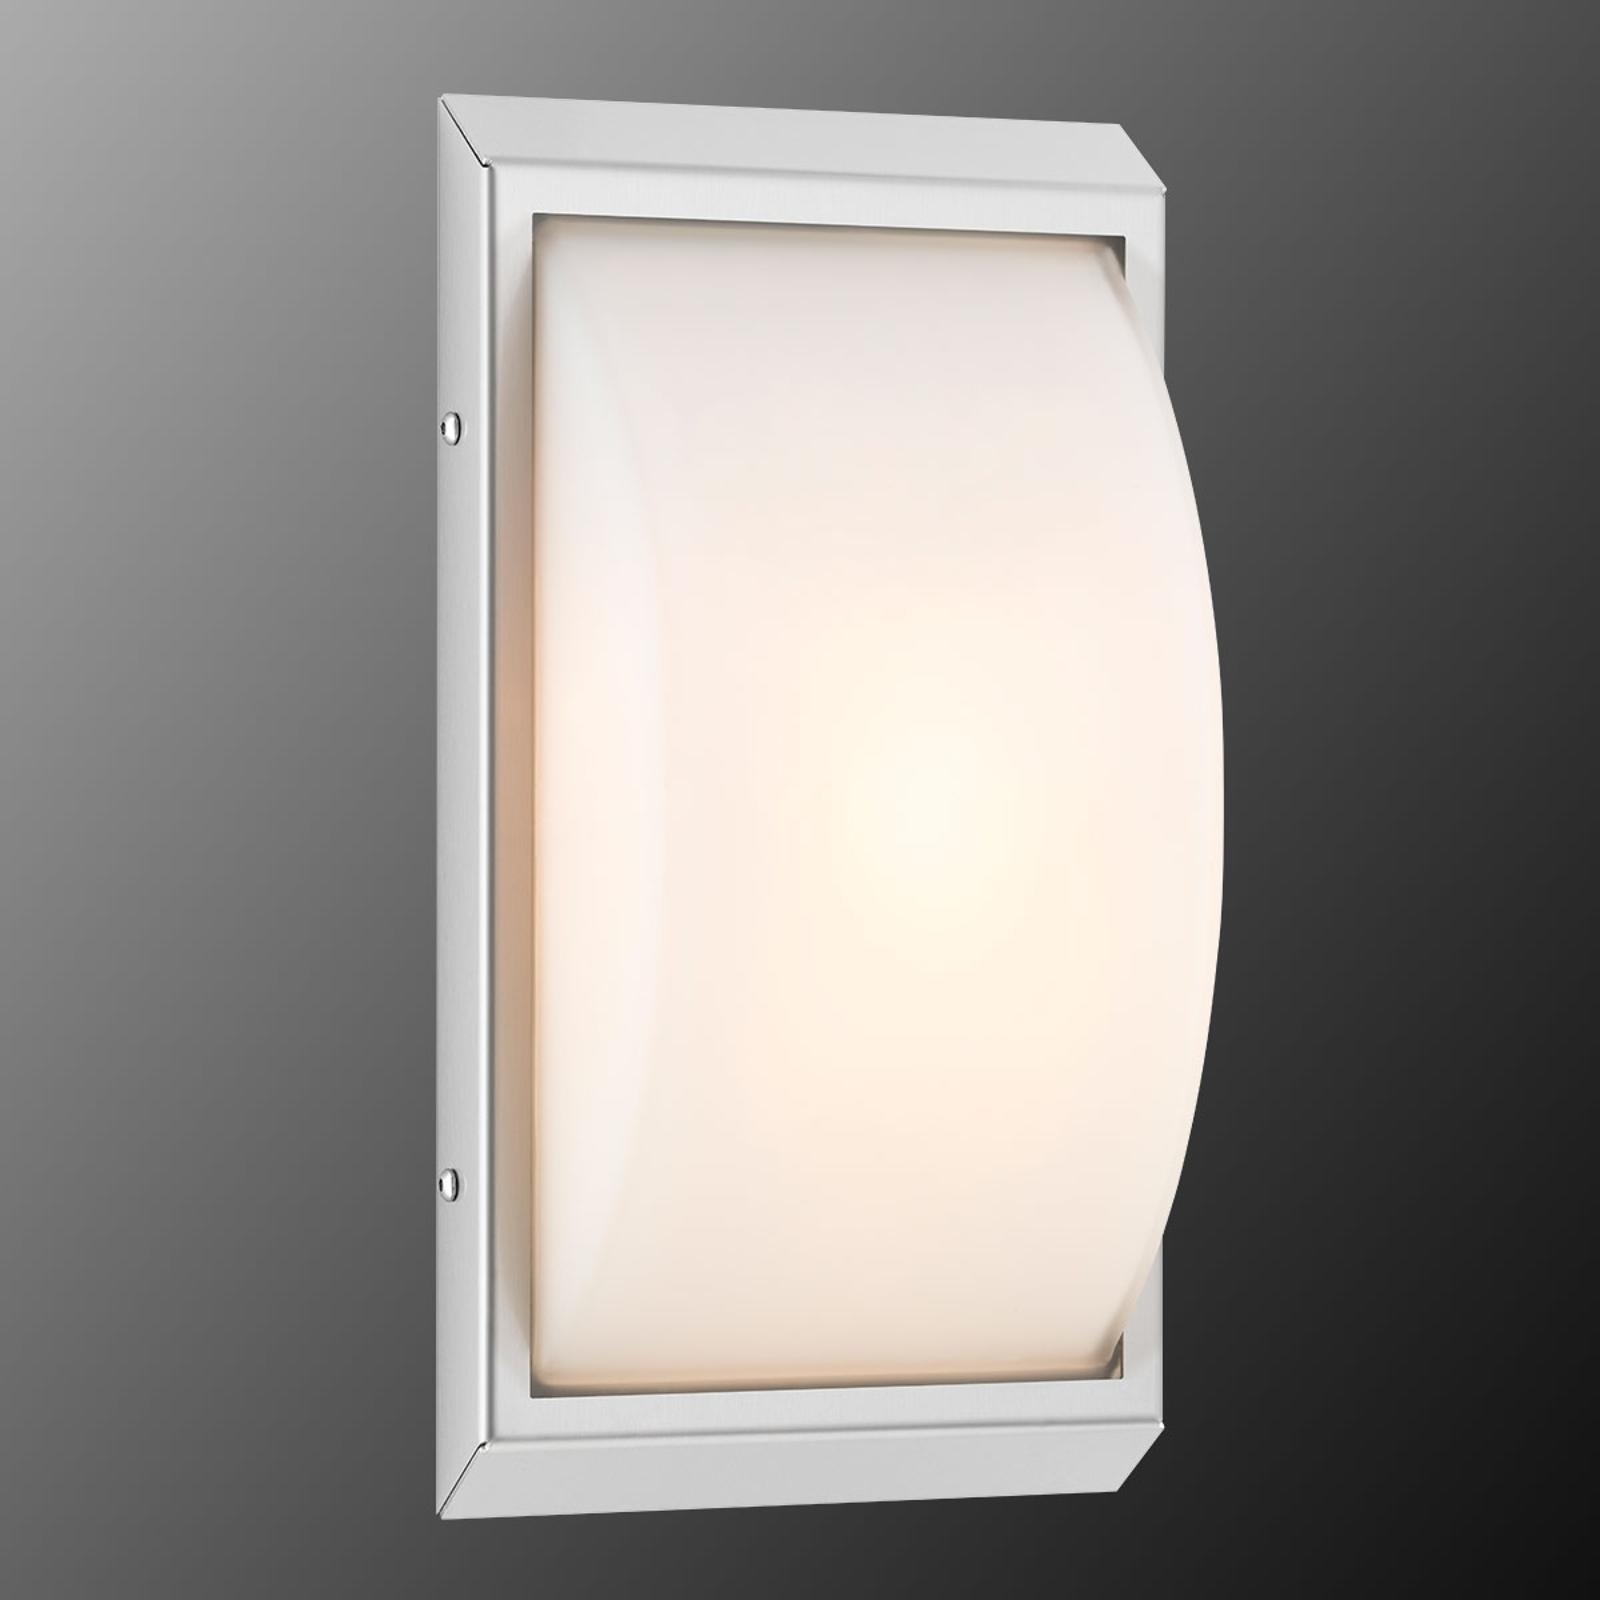 Applique d'extérieur LED Malte